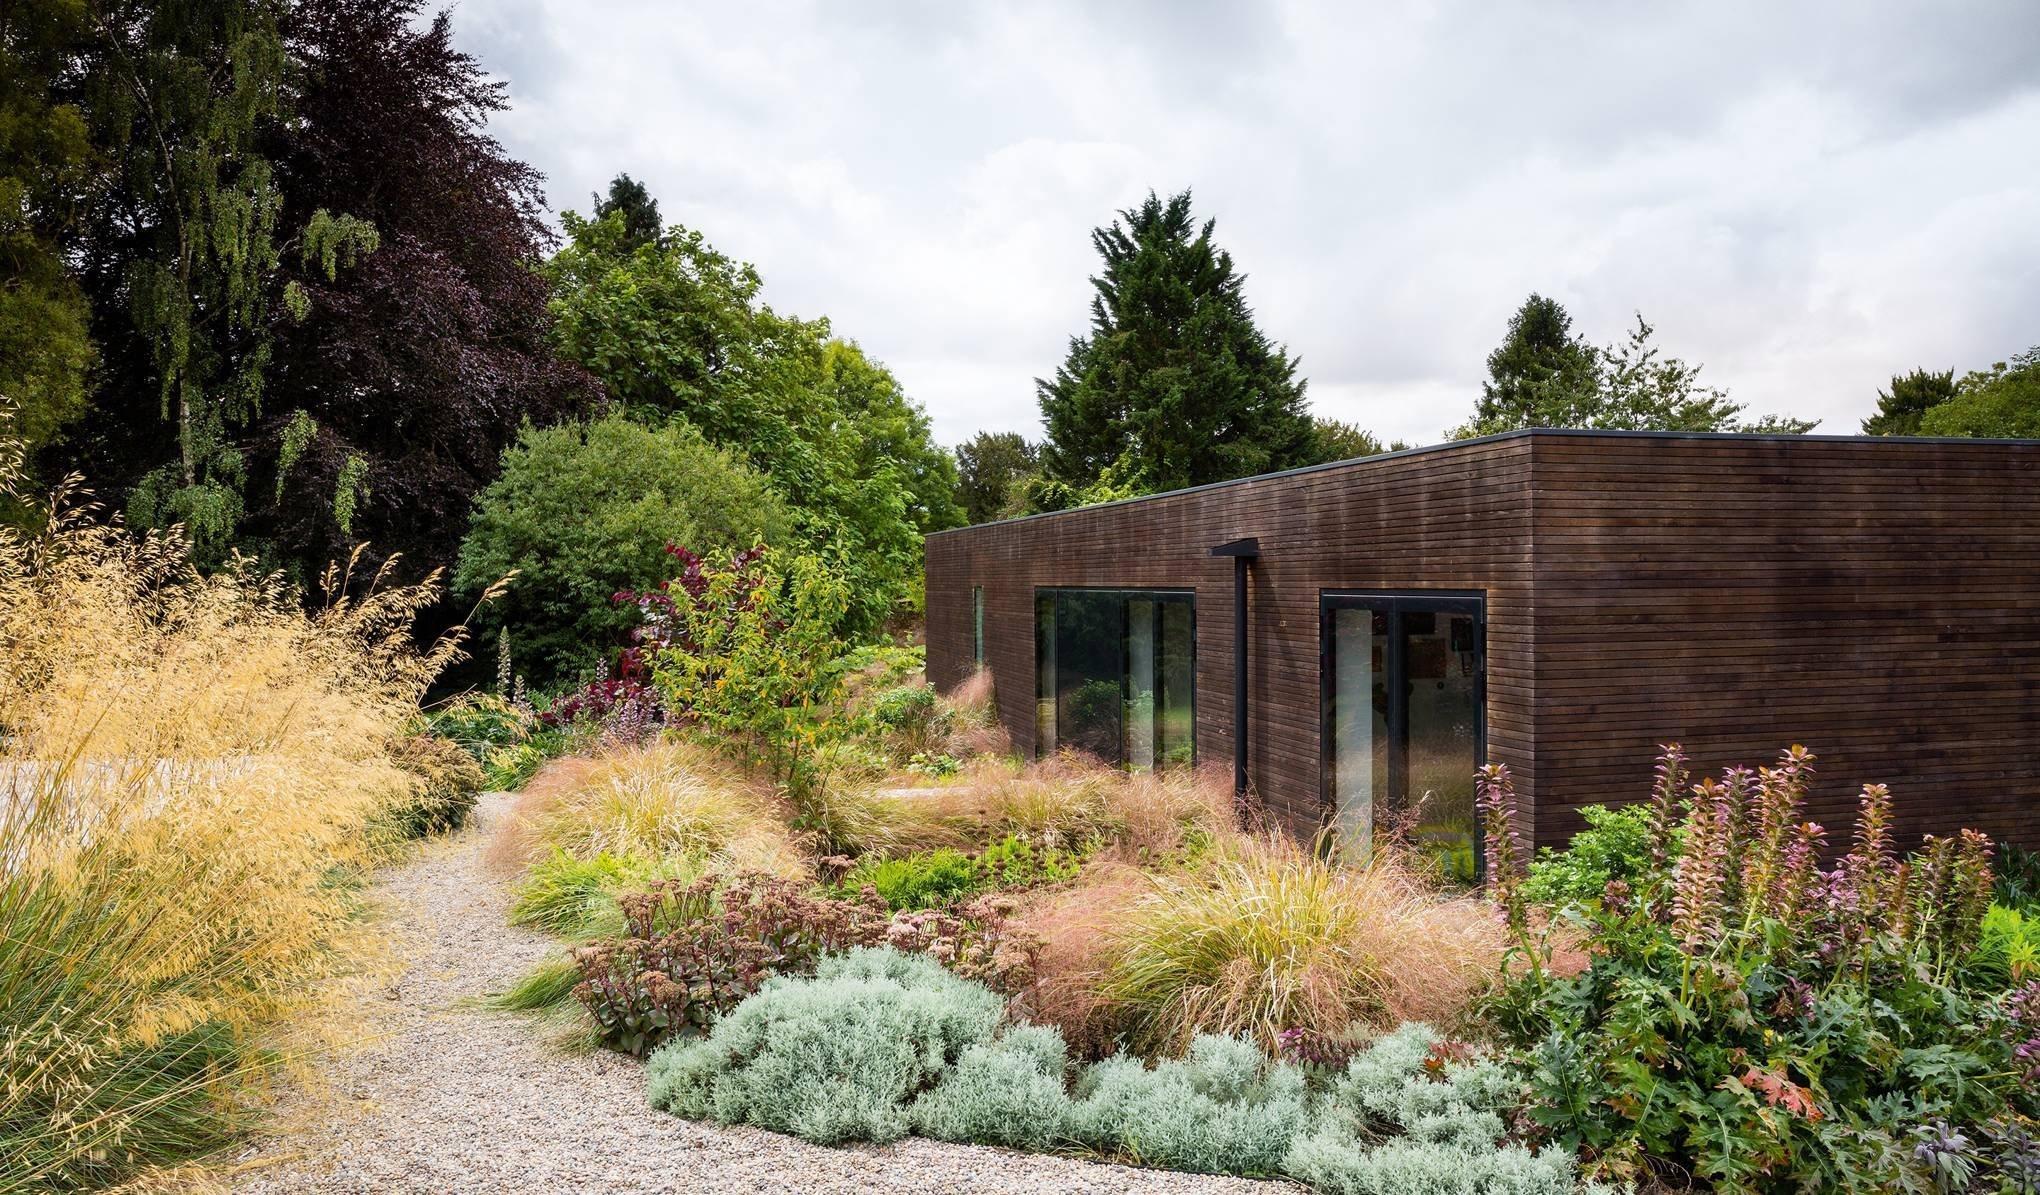 V hrabství Hampshire na jižním pobřeží Anglie vznikla zahrada plná trav a barevných akcentů. Tato zahrada kolem dokola obrůstá moderní rodinný dům a vzniká tak příjemná symbióza jasně inspirovaná architekturou Nového Zélandu, předchozího bydliště majitelů.